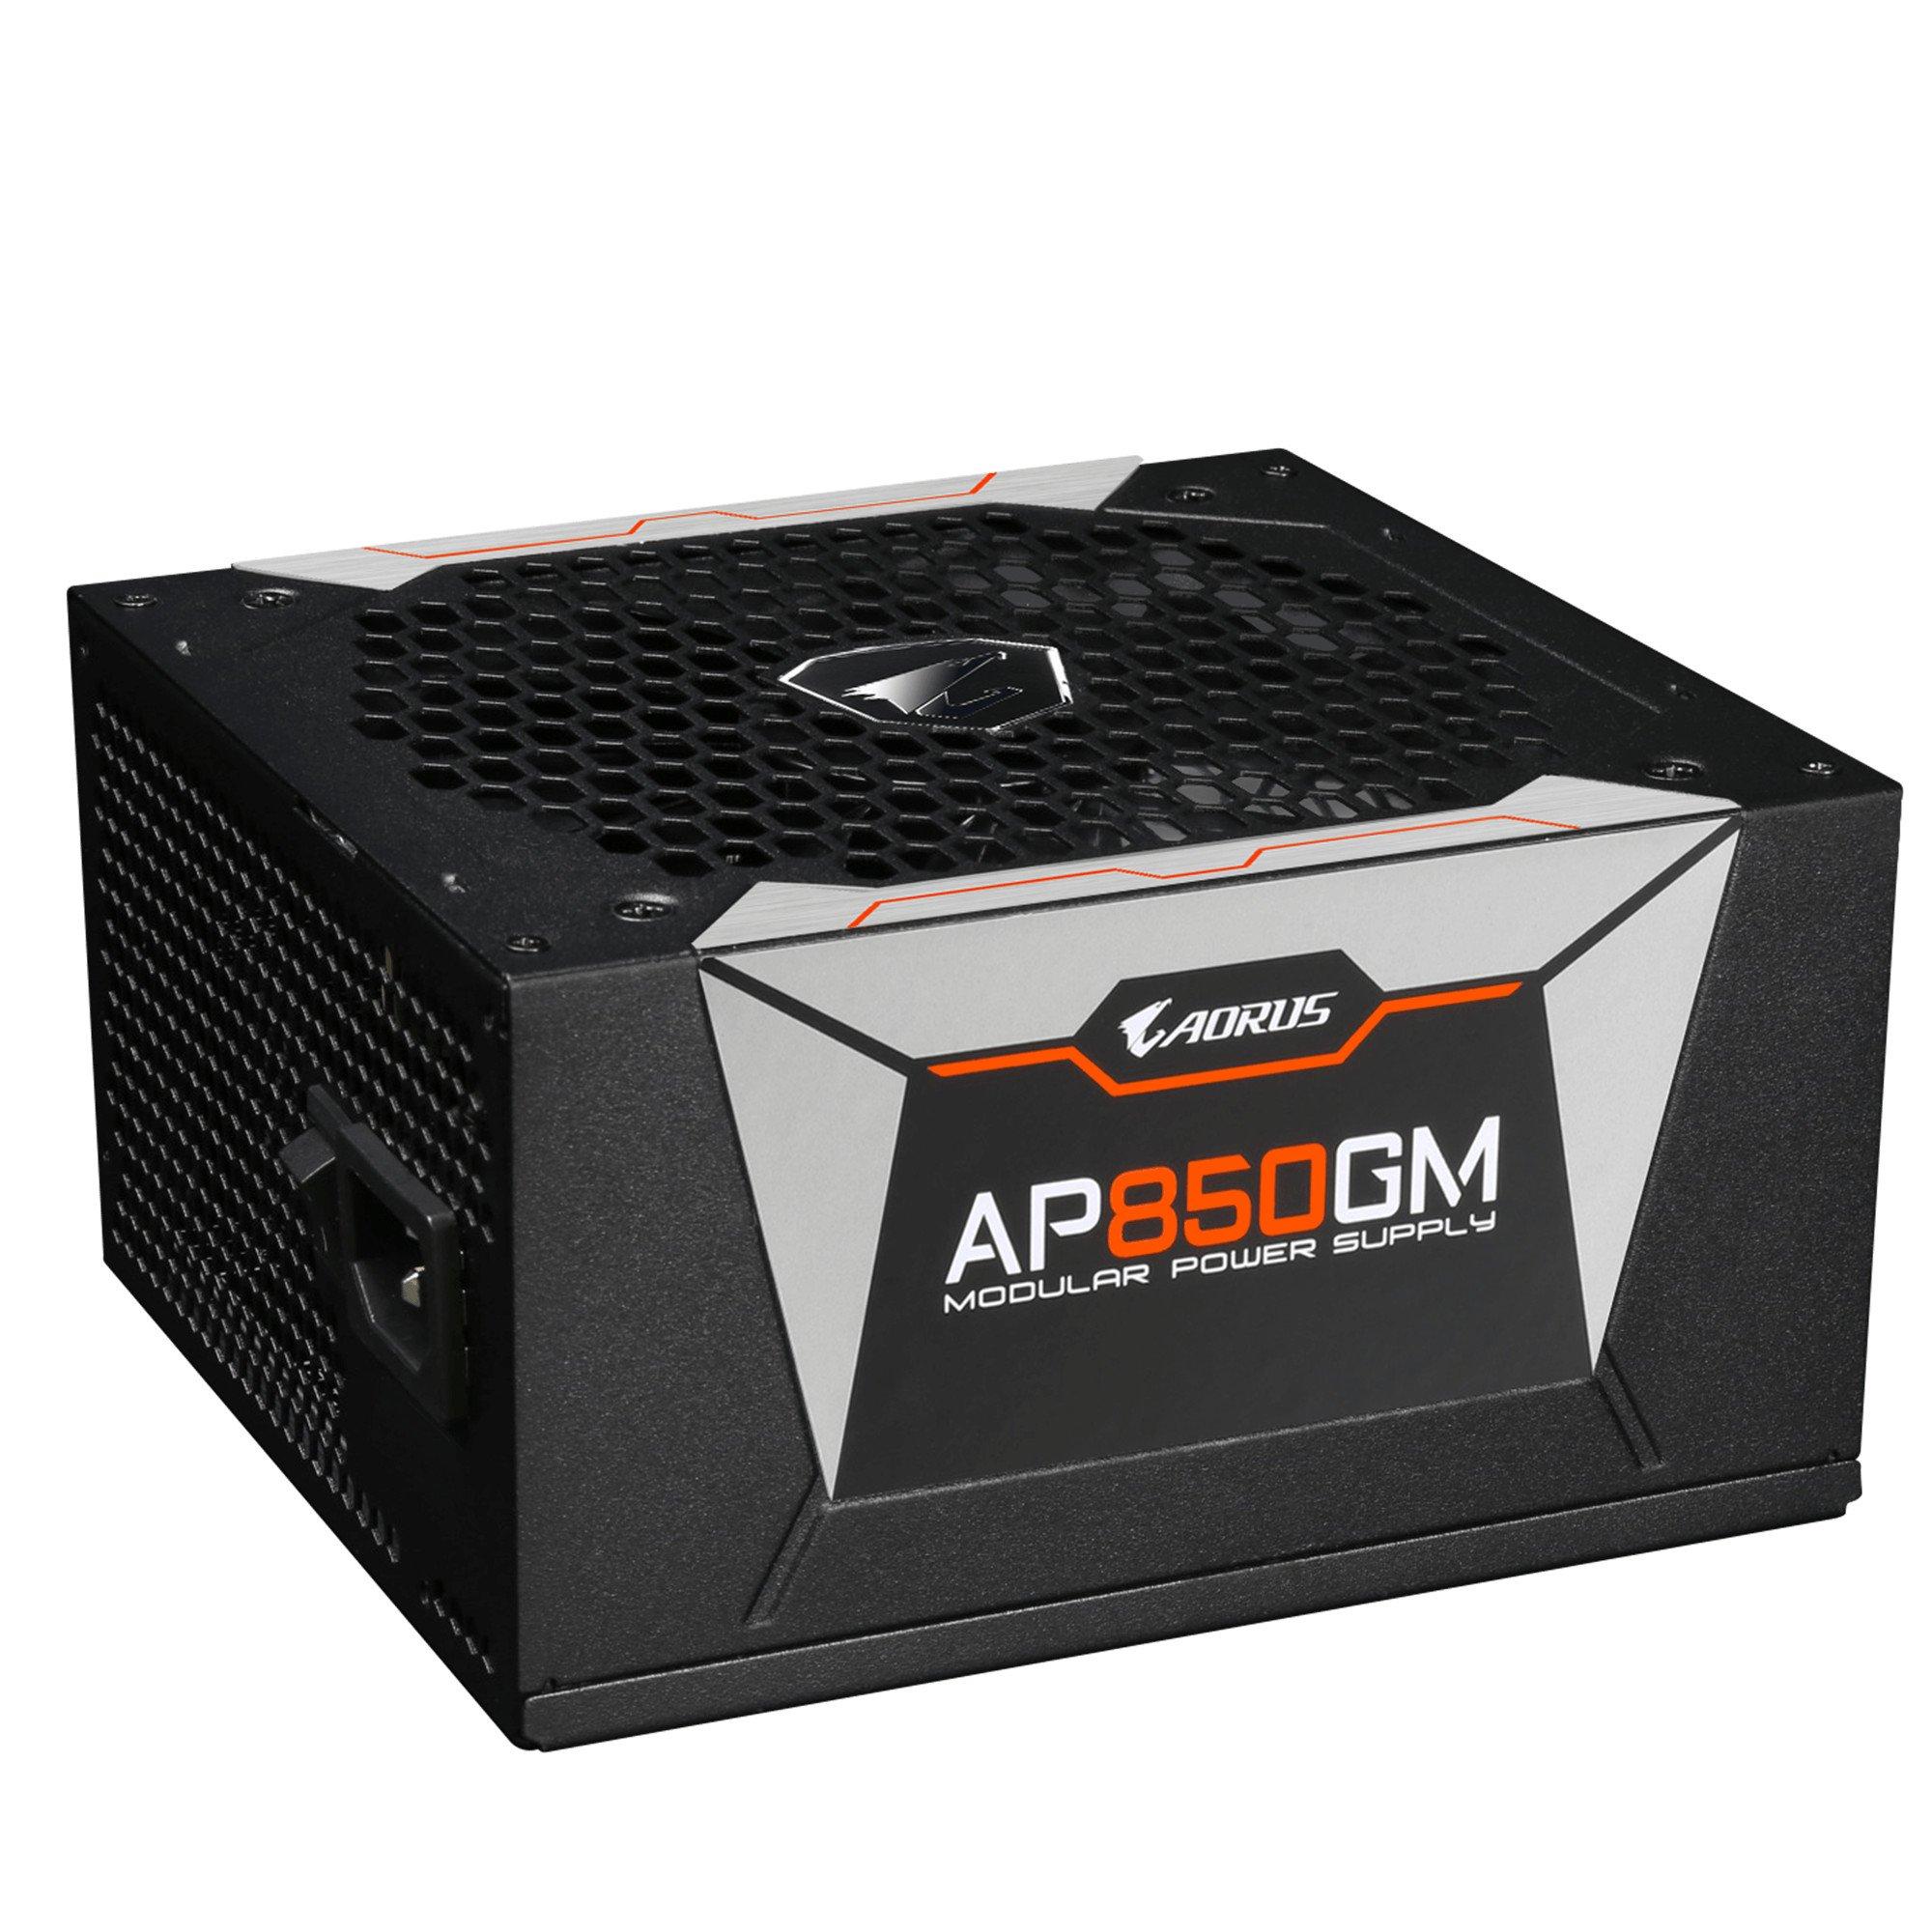 Fuente de Alimentación Modular Gigabyte Aorus GP-P850GM 850W 80 Plus Gold